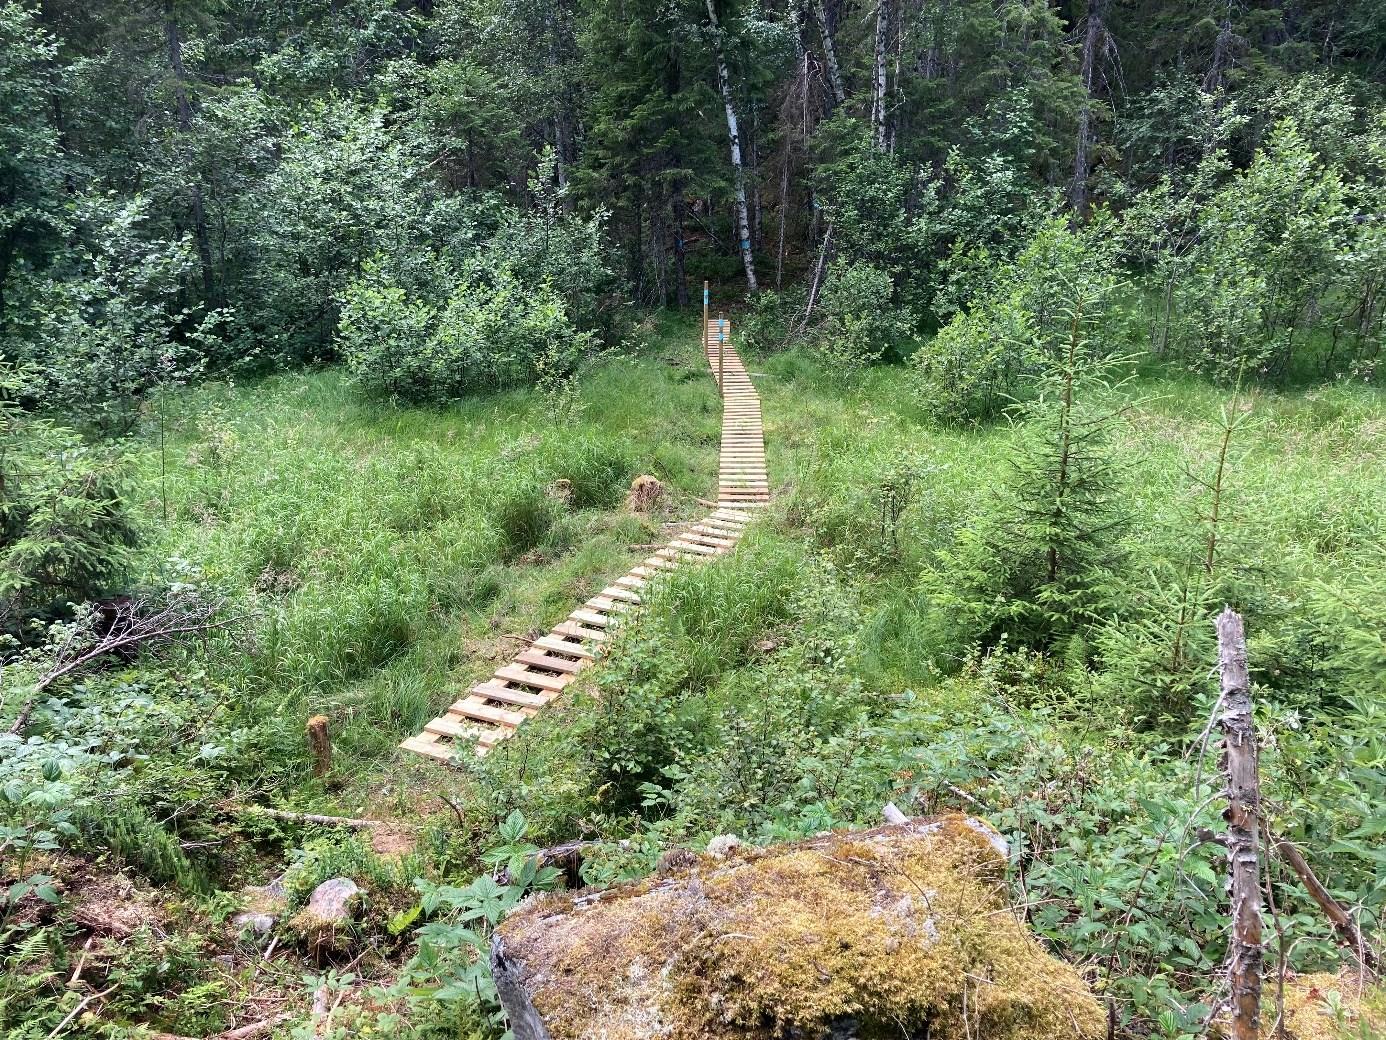 Et bilde som inneholder tre, utendørs, gress, skogAutomatisk generert beskrivelse